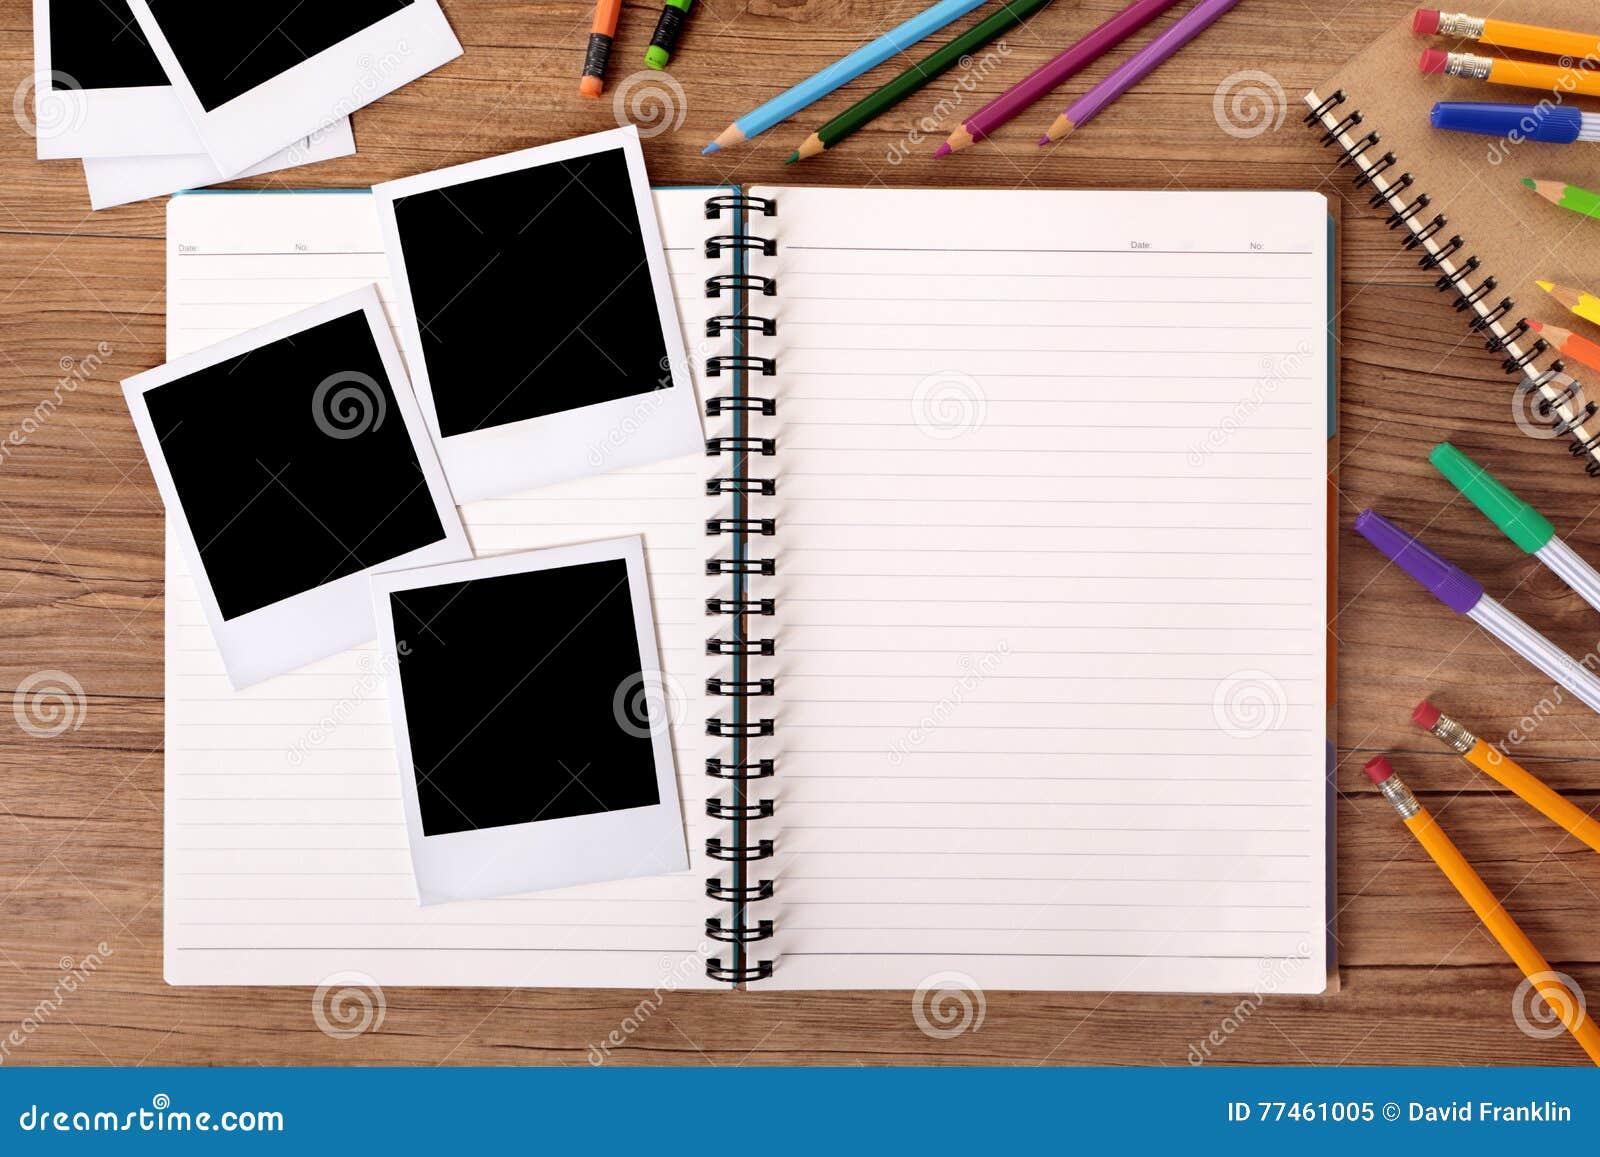 Studentschreibtisch Mit Leerem Fotoalbum Und Einiges Polaroidrahmen ...